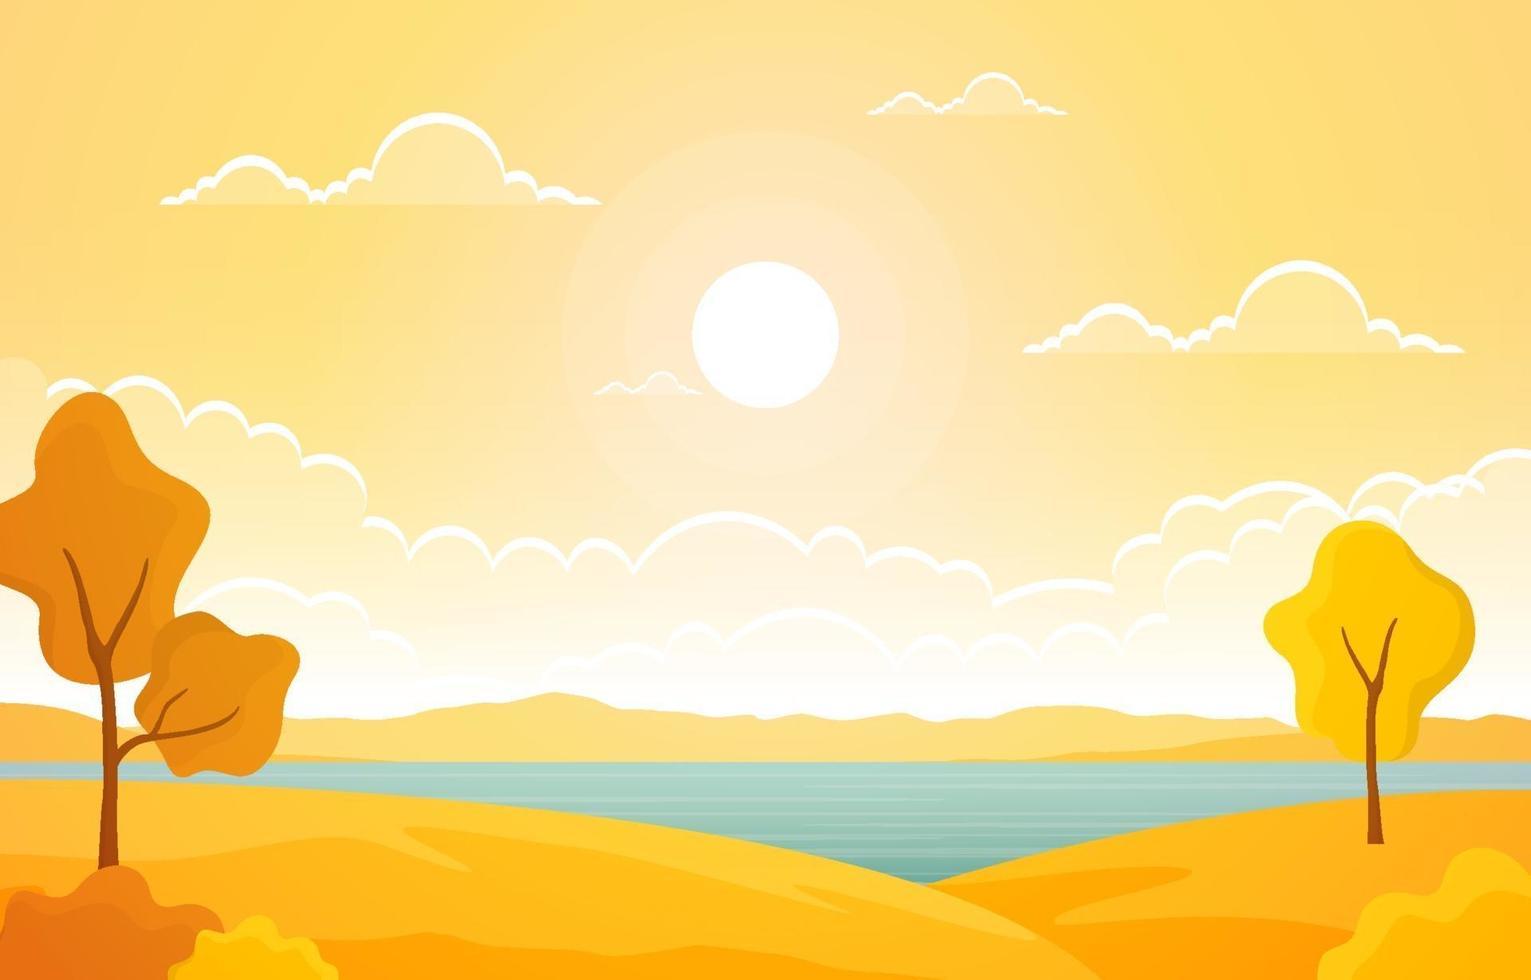 escena de otoño con lago, árboles y sol. vector